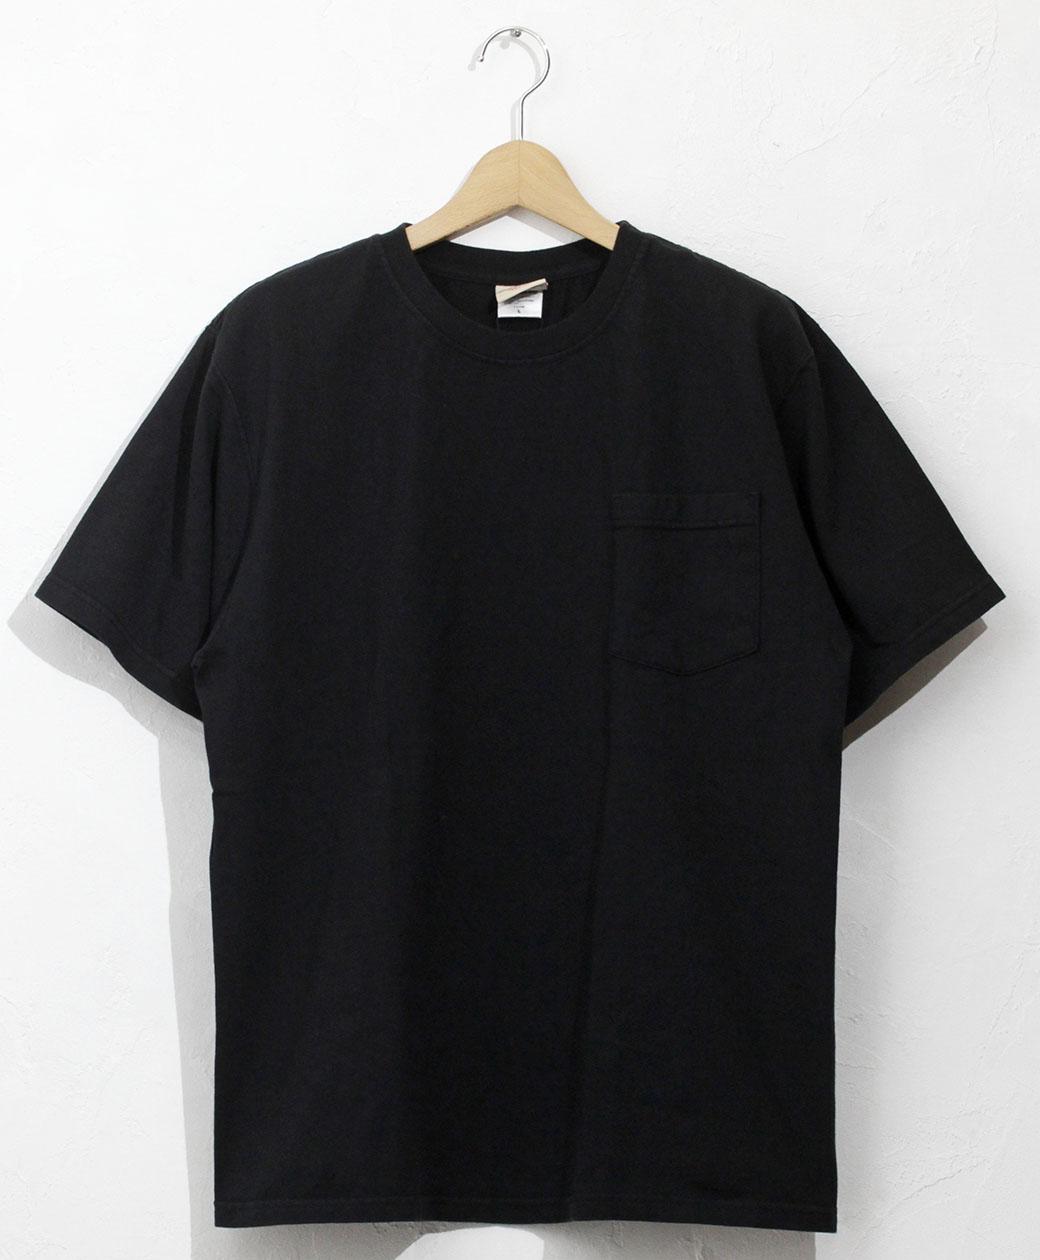 Goodwear REGULER-FIT SHORT SLEEVE T(BLACK)